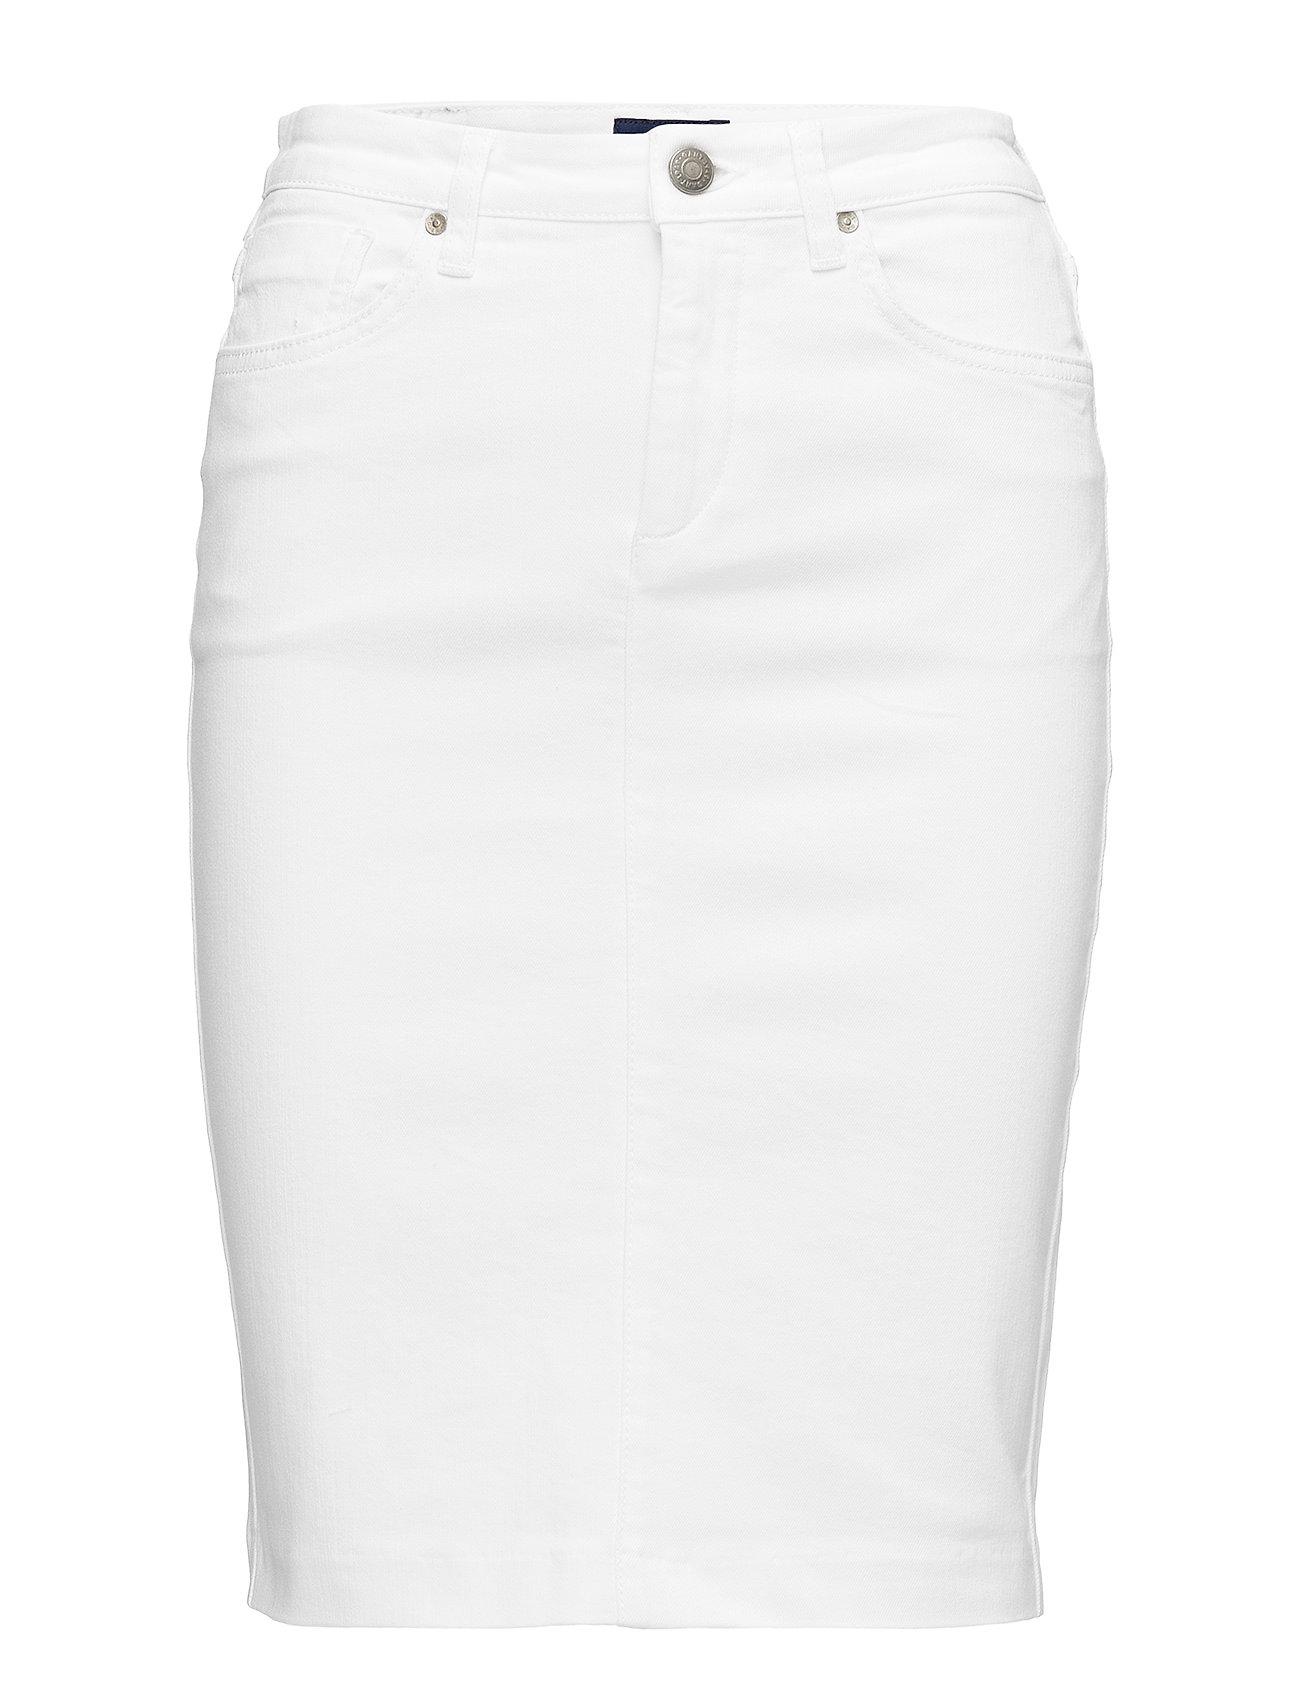 GANT D1. WHITE DENIM SKIRT - WHITE